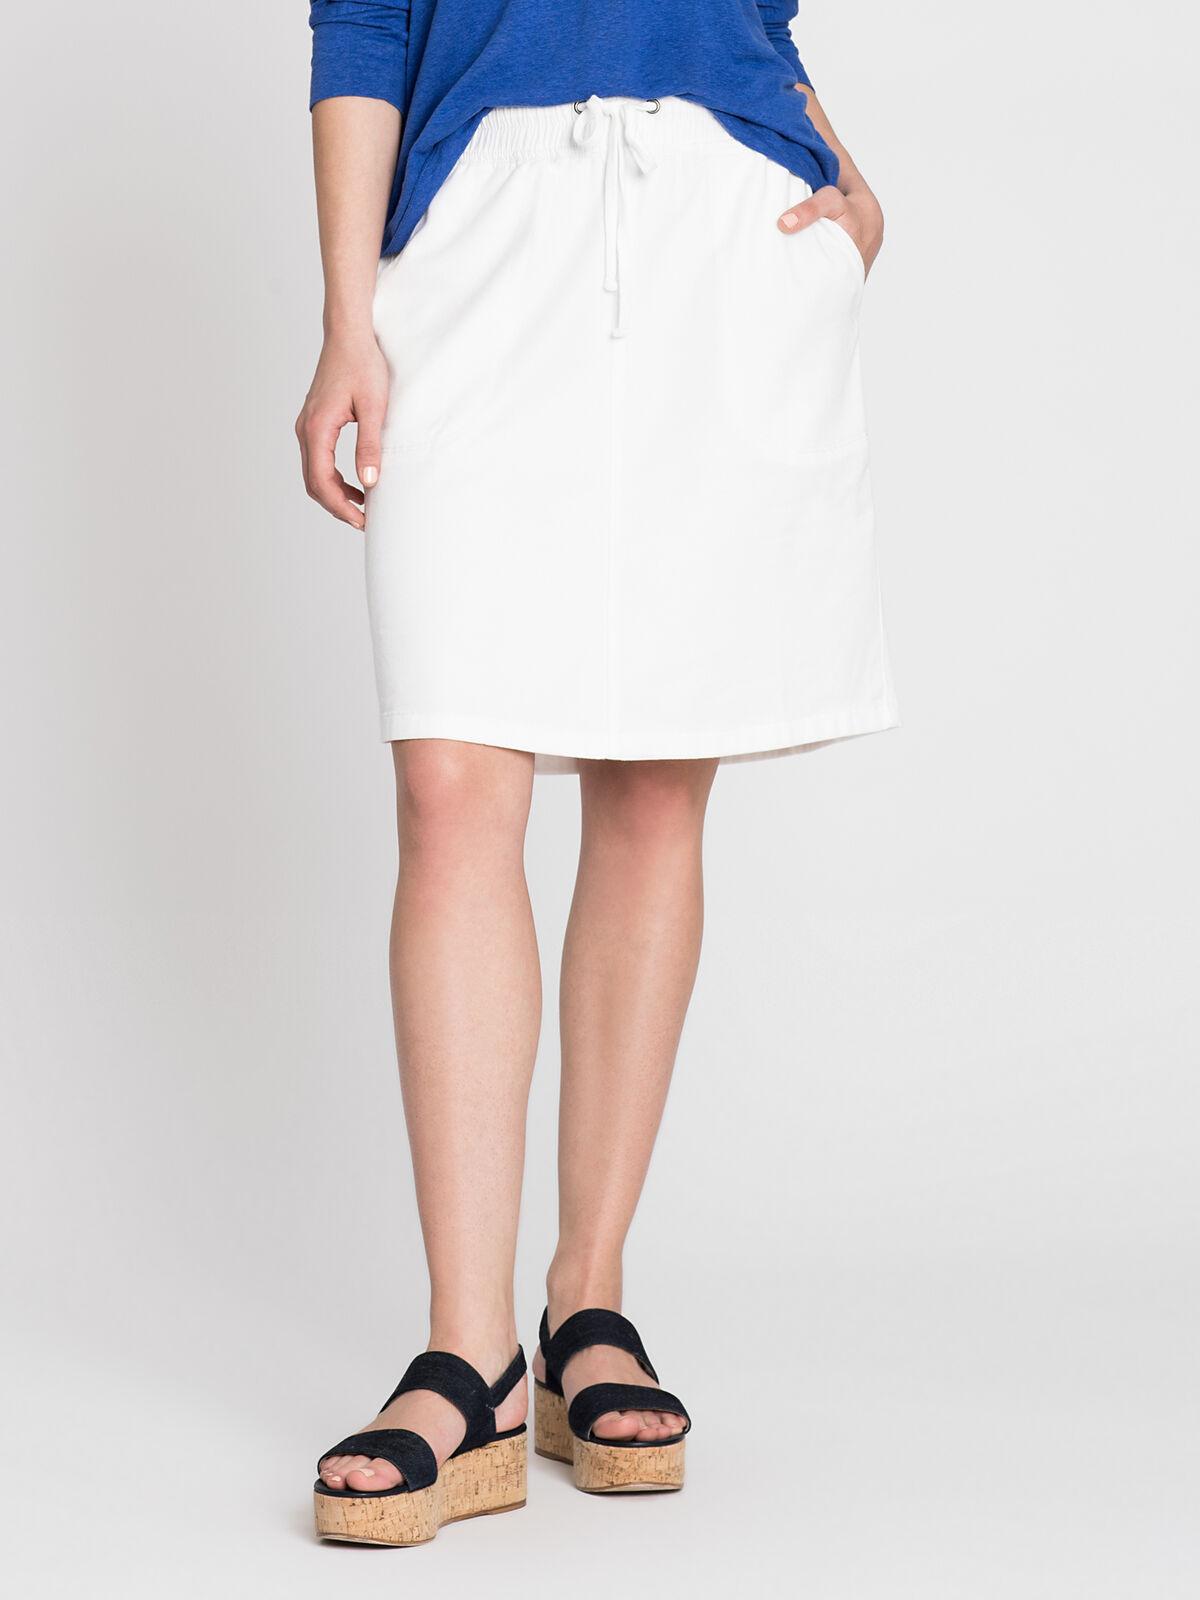 Open Road Skirt